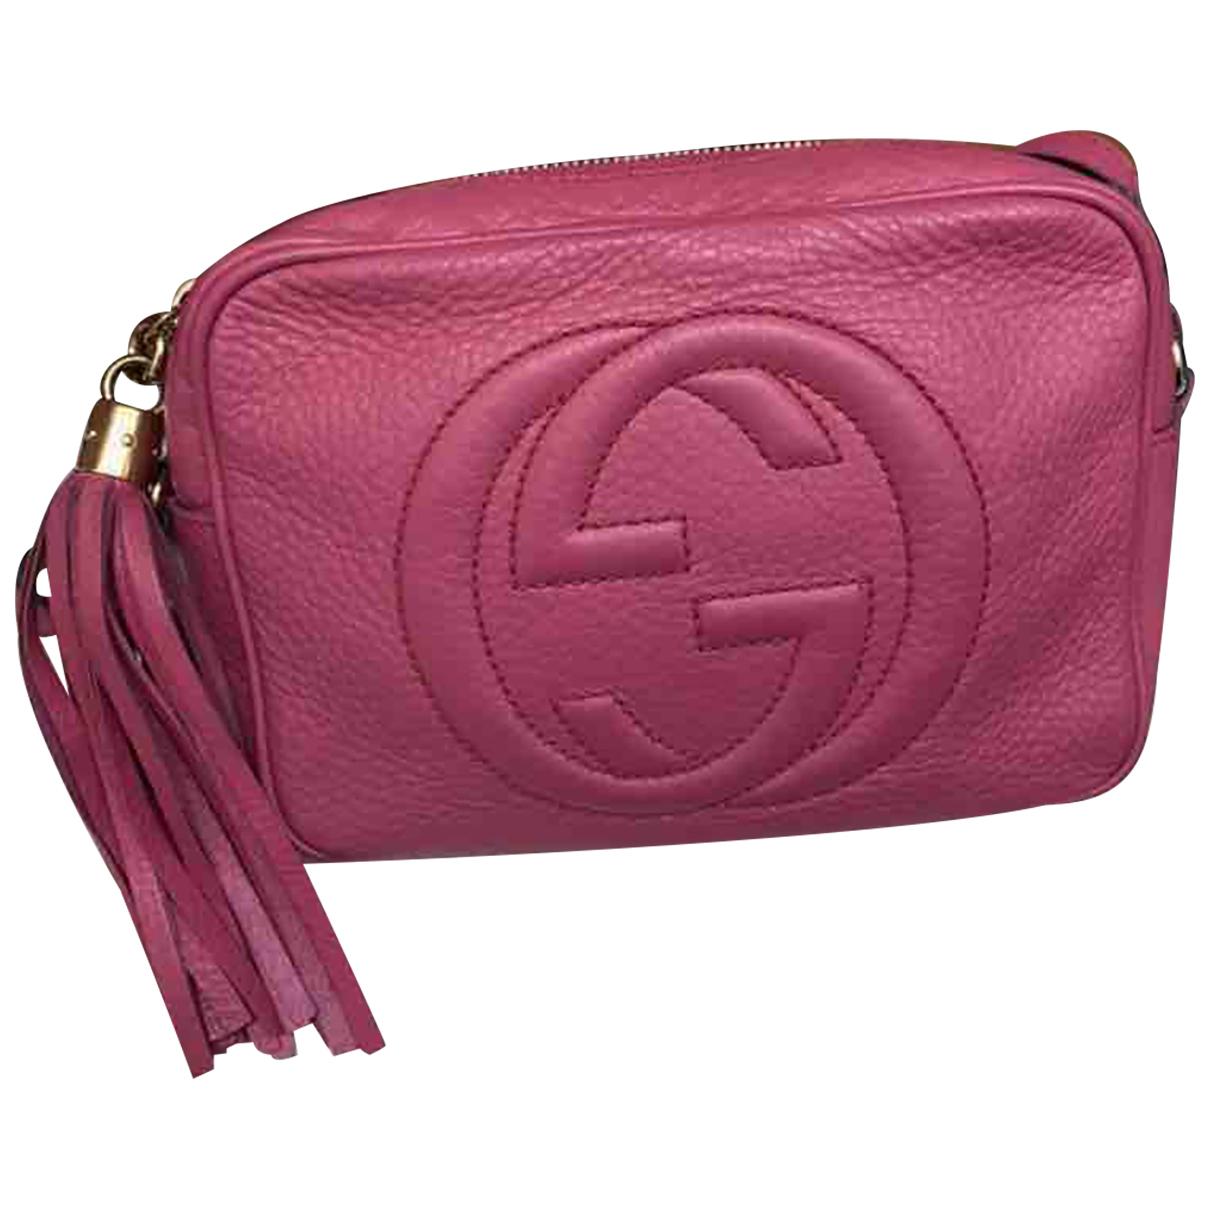 Gucci - Sac a main Soho pour femme en cuir - rose